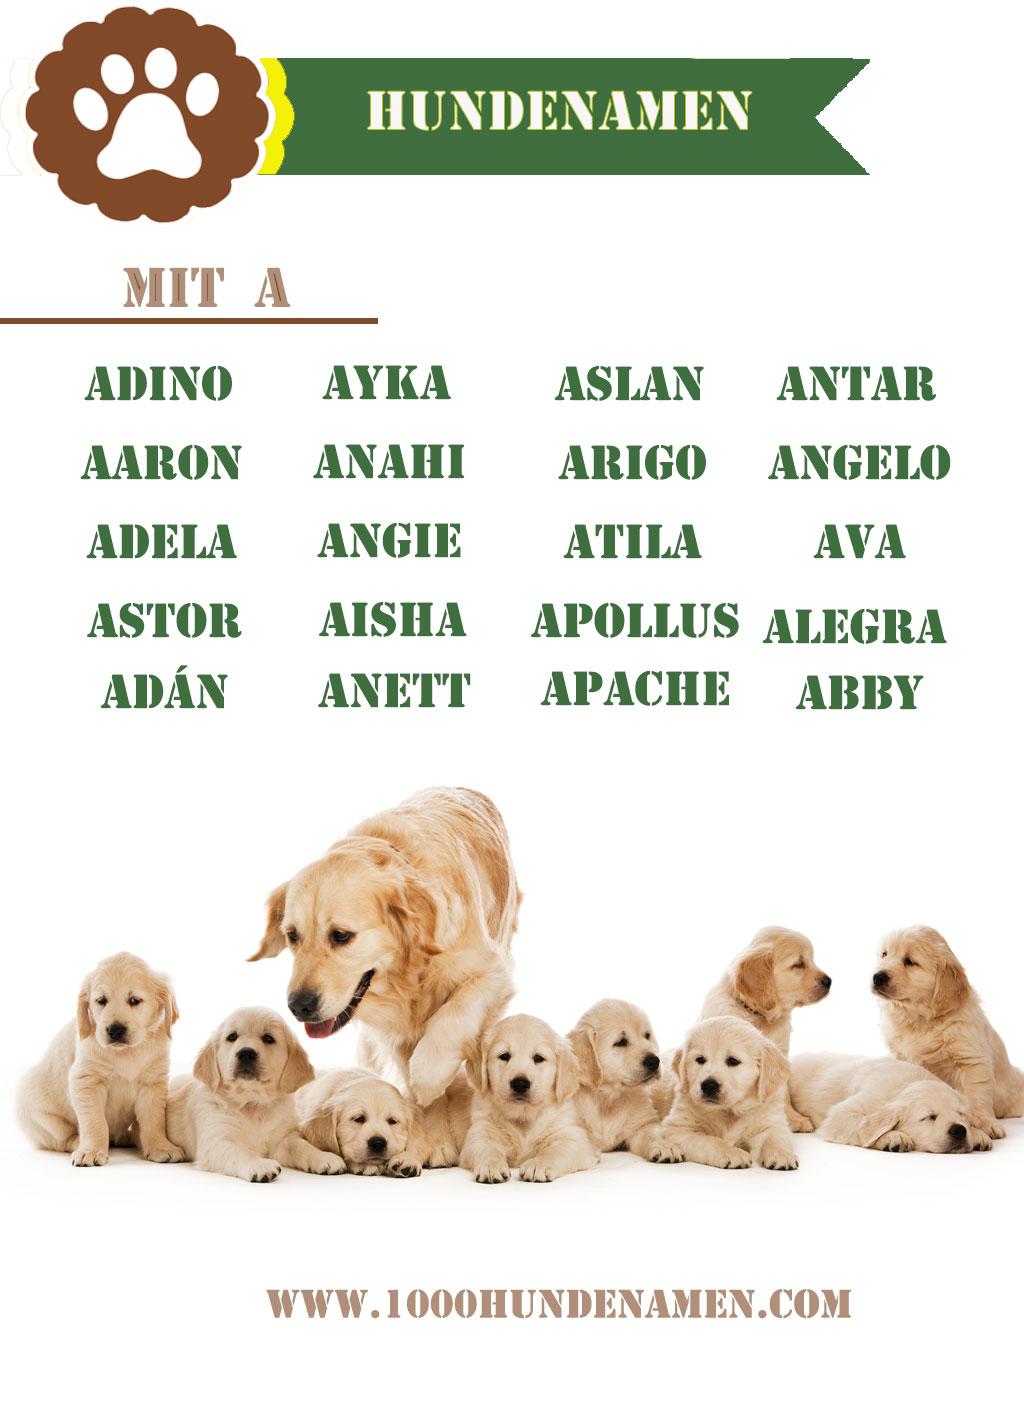 hundenamen mit a